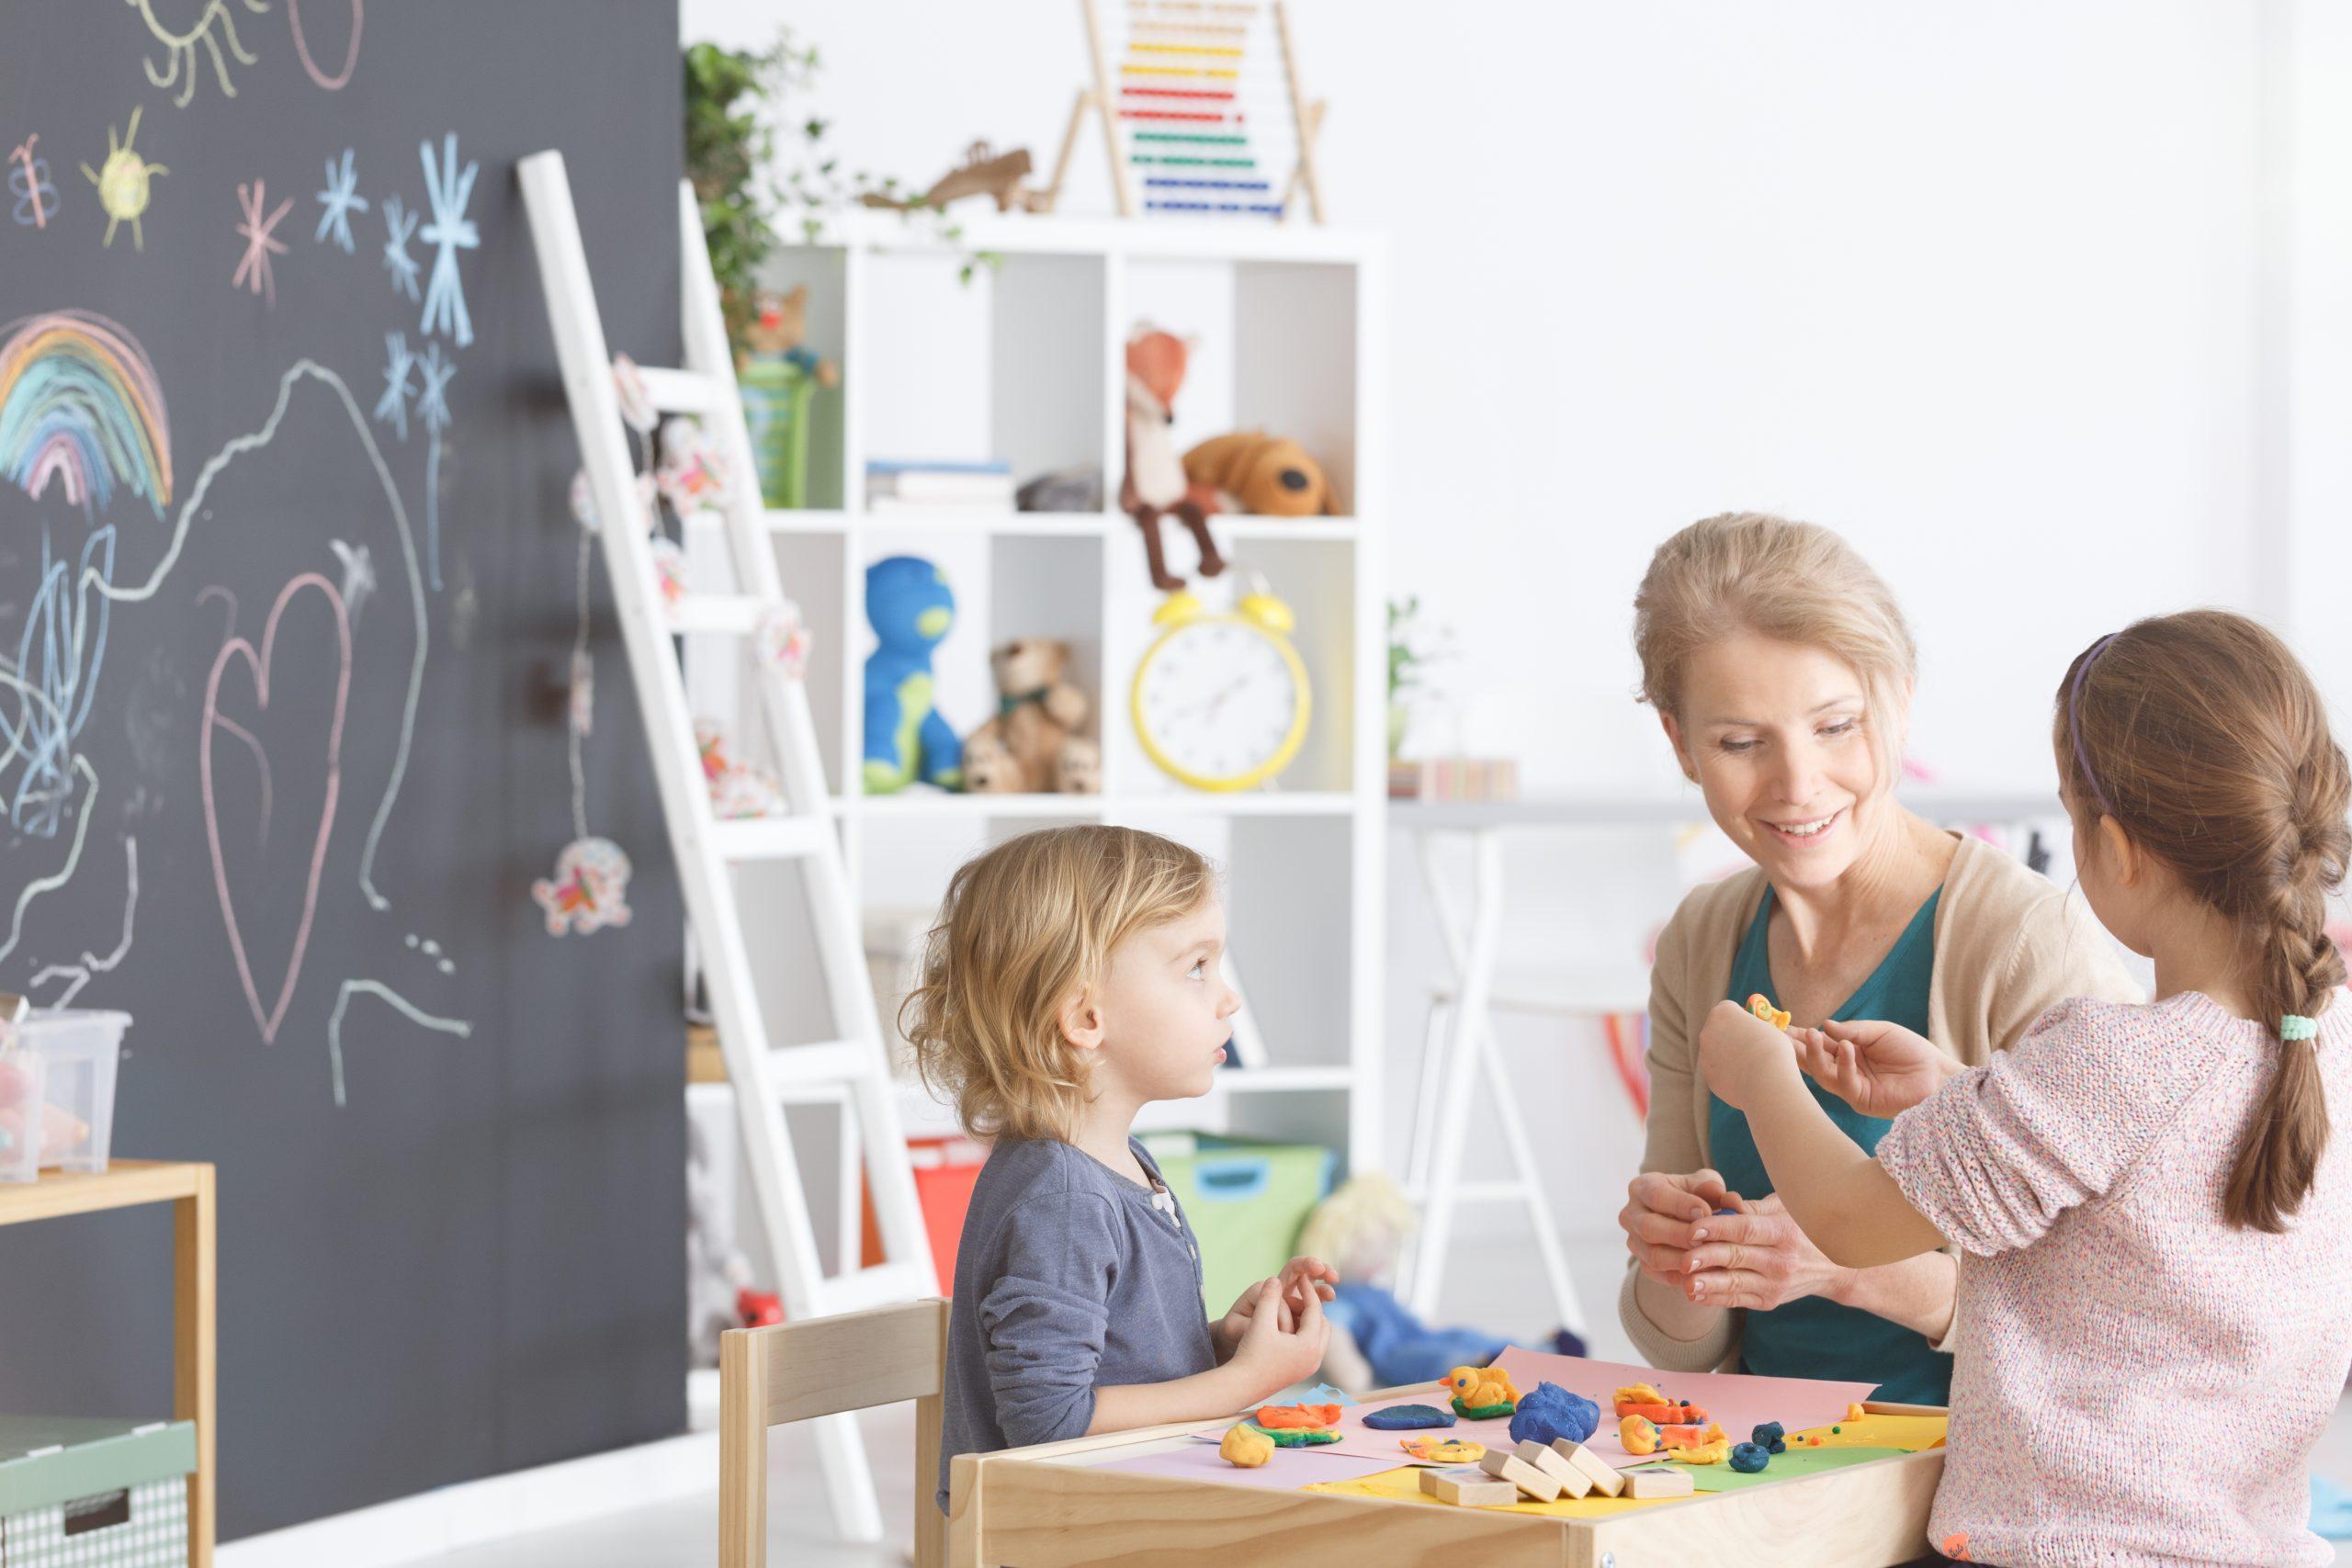 Preschool children in kindergarten sticking with plasticine on classes